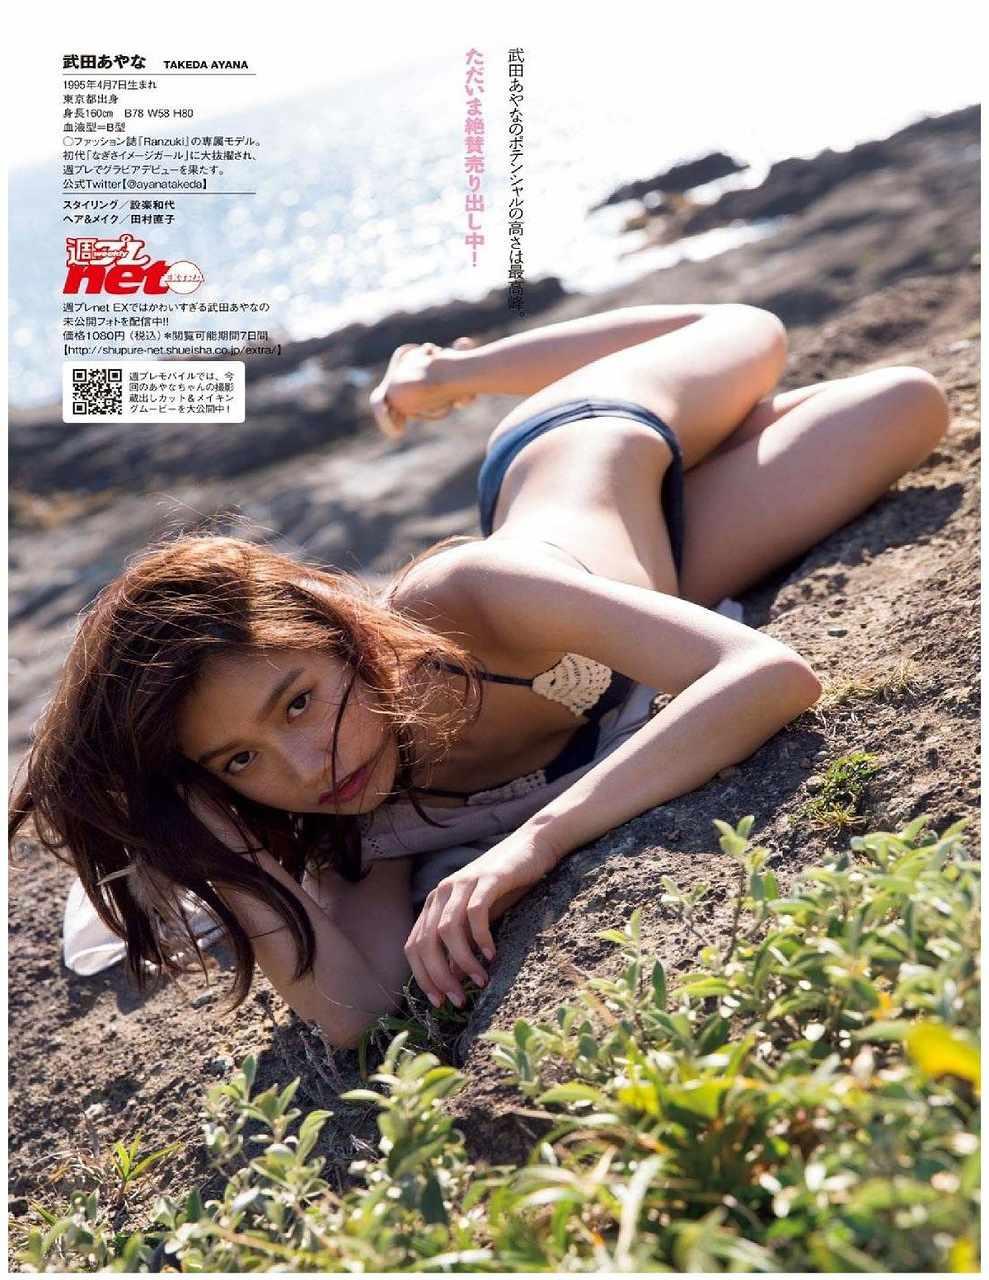 「週刊プレイボーイ 2016 No.25」武田あやなの水着お尻グラビア